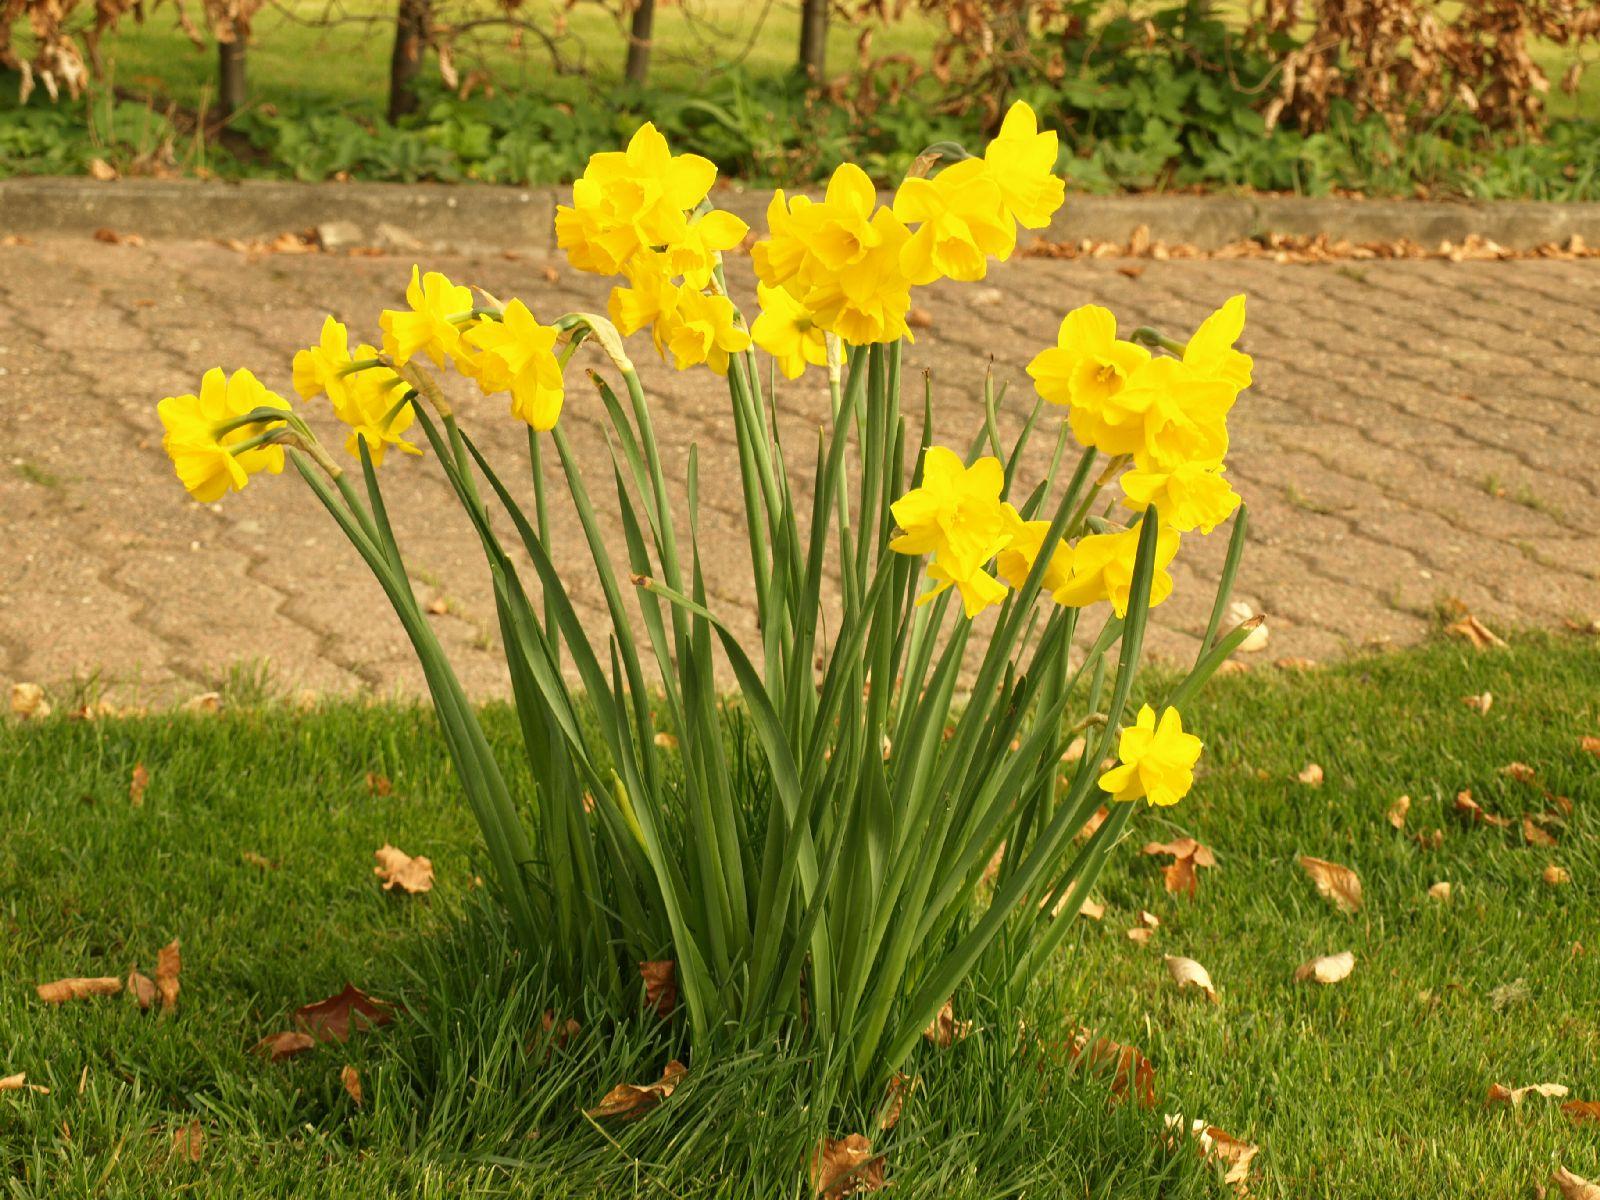 Pflanzen-Blumen-Foto_Textur_B_P4232678